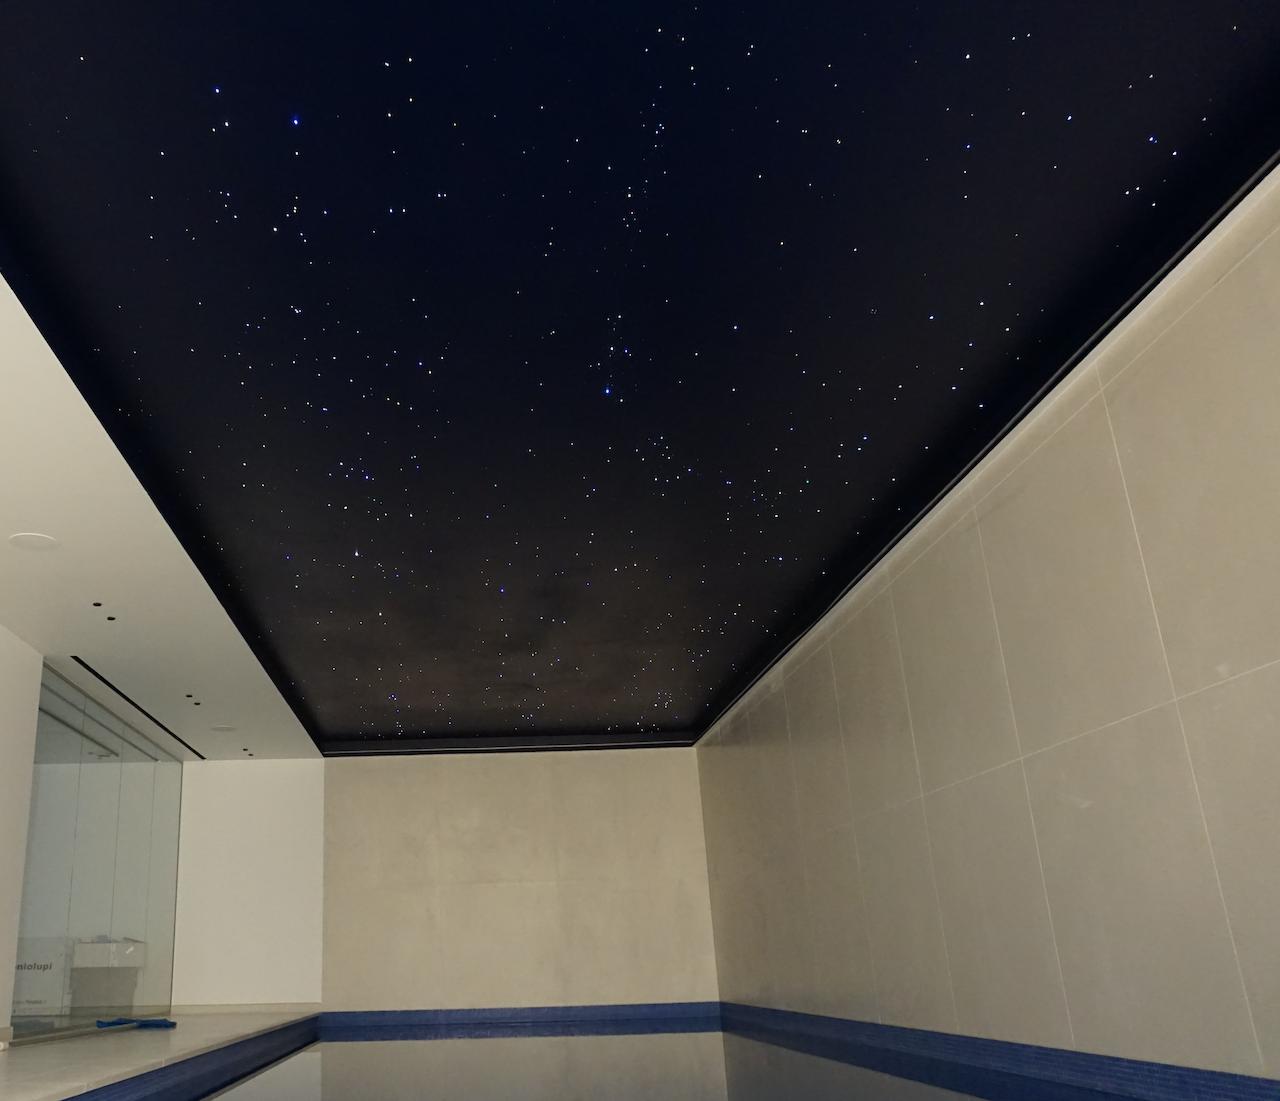 zwembad sterrenhemel plafond mycosmos verlichting glasvezel led